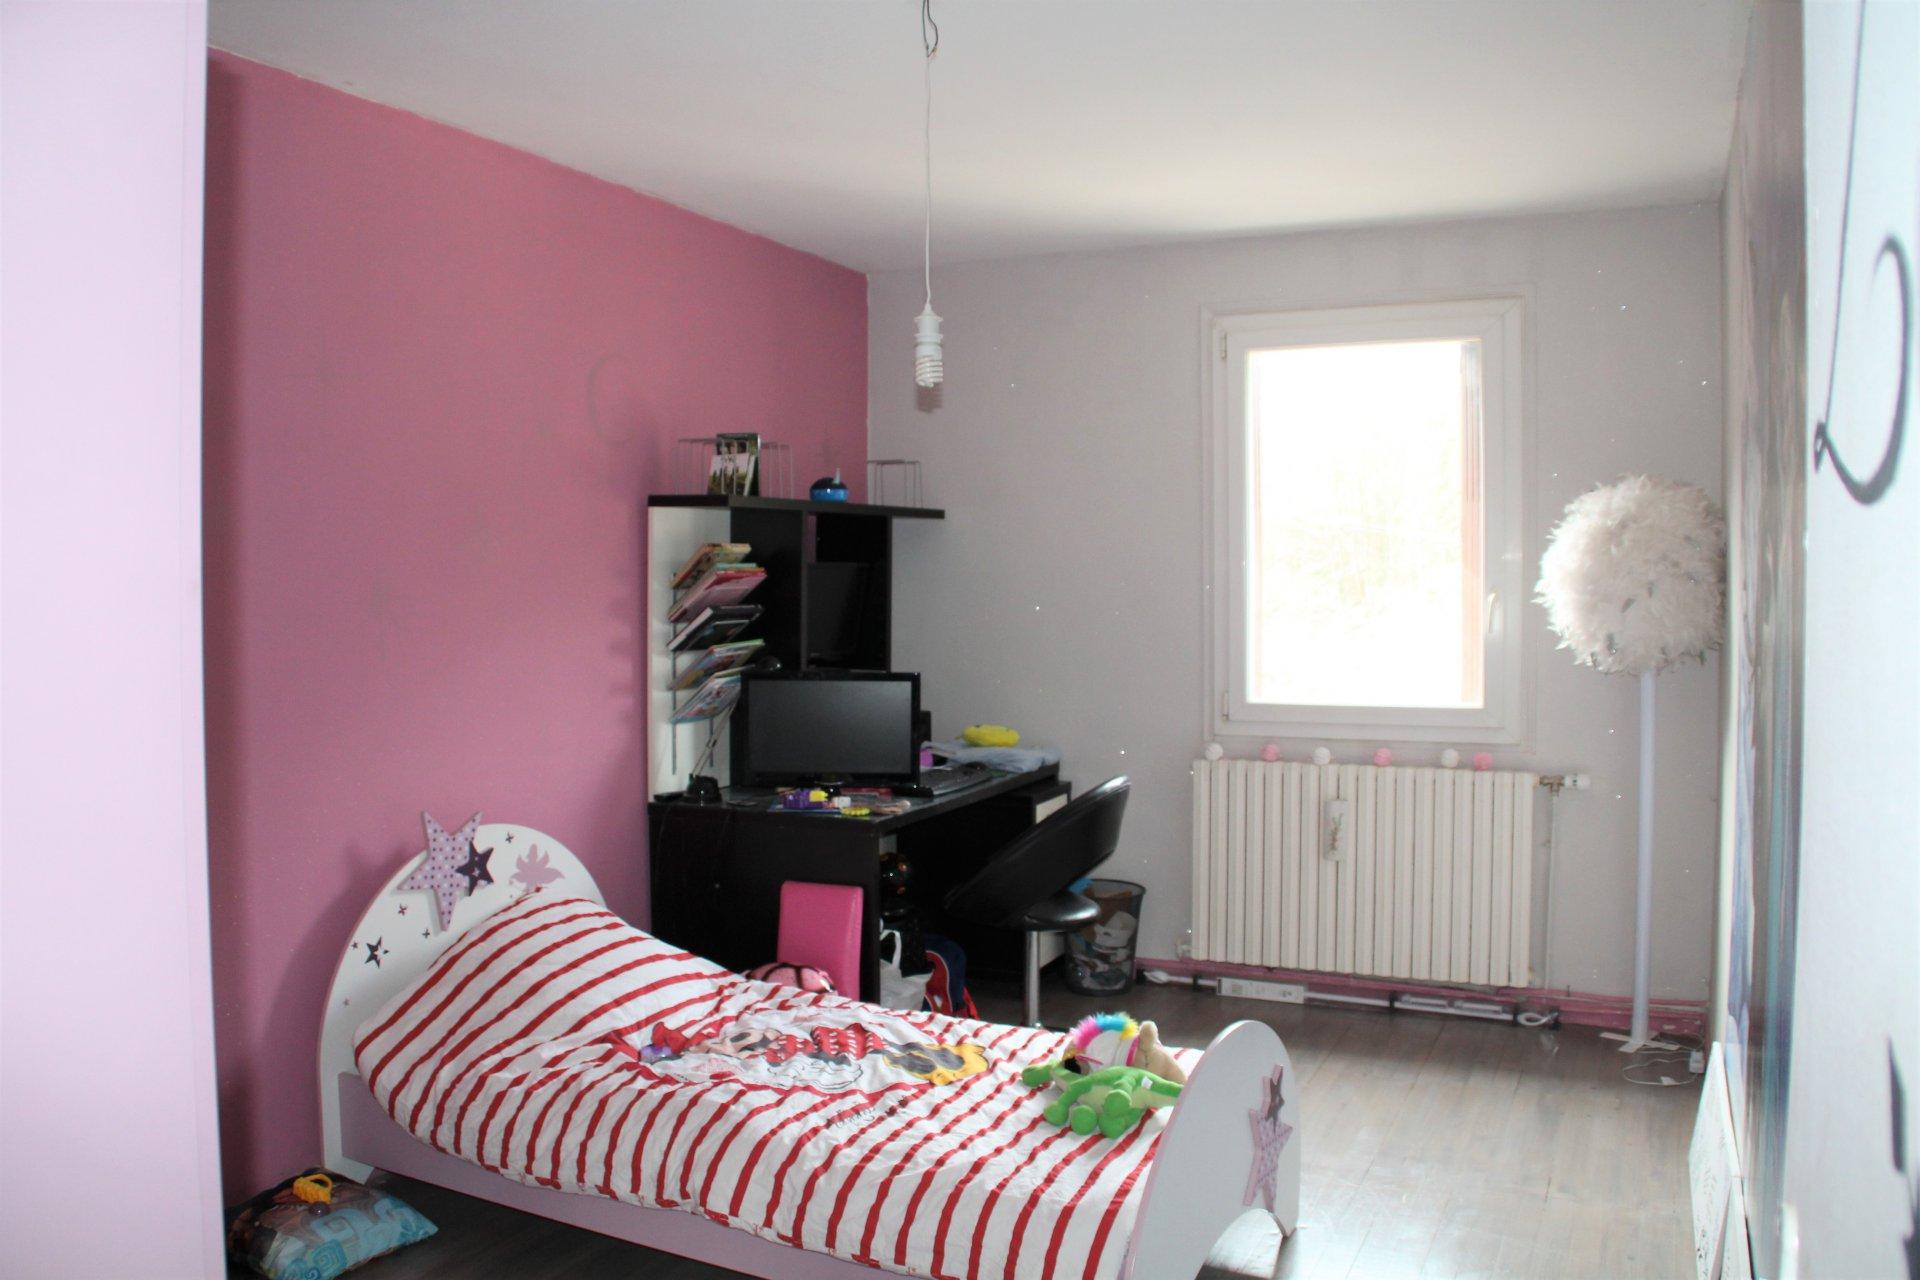 Maison d'environ 150m² avec un appartement d'environ 70m²